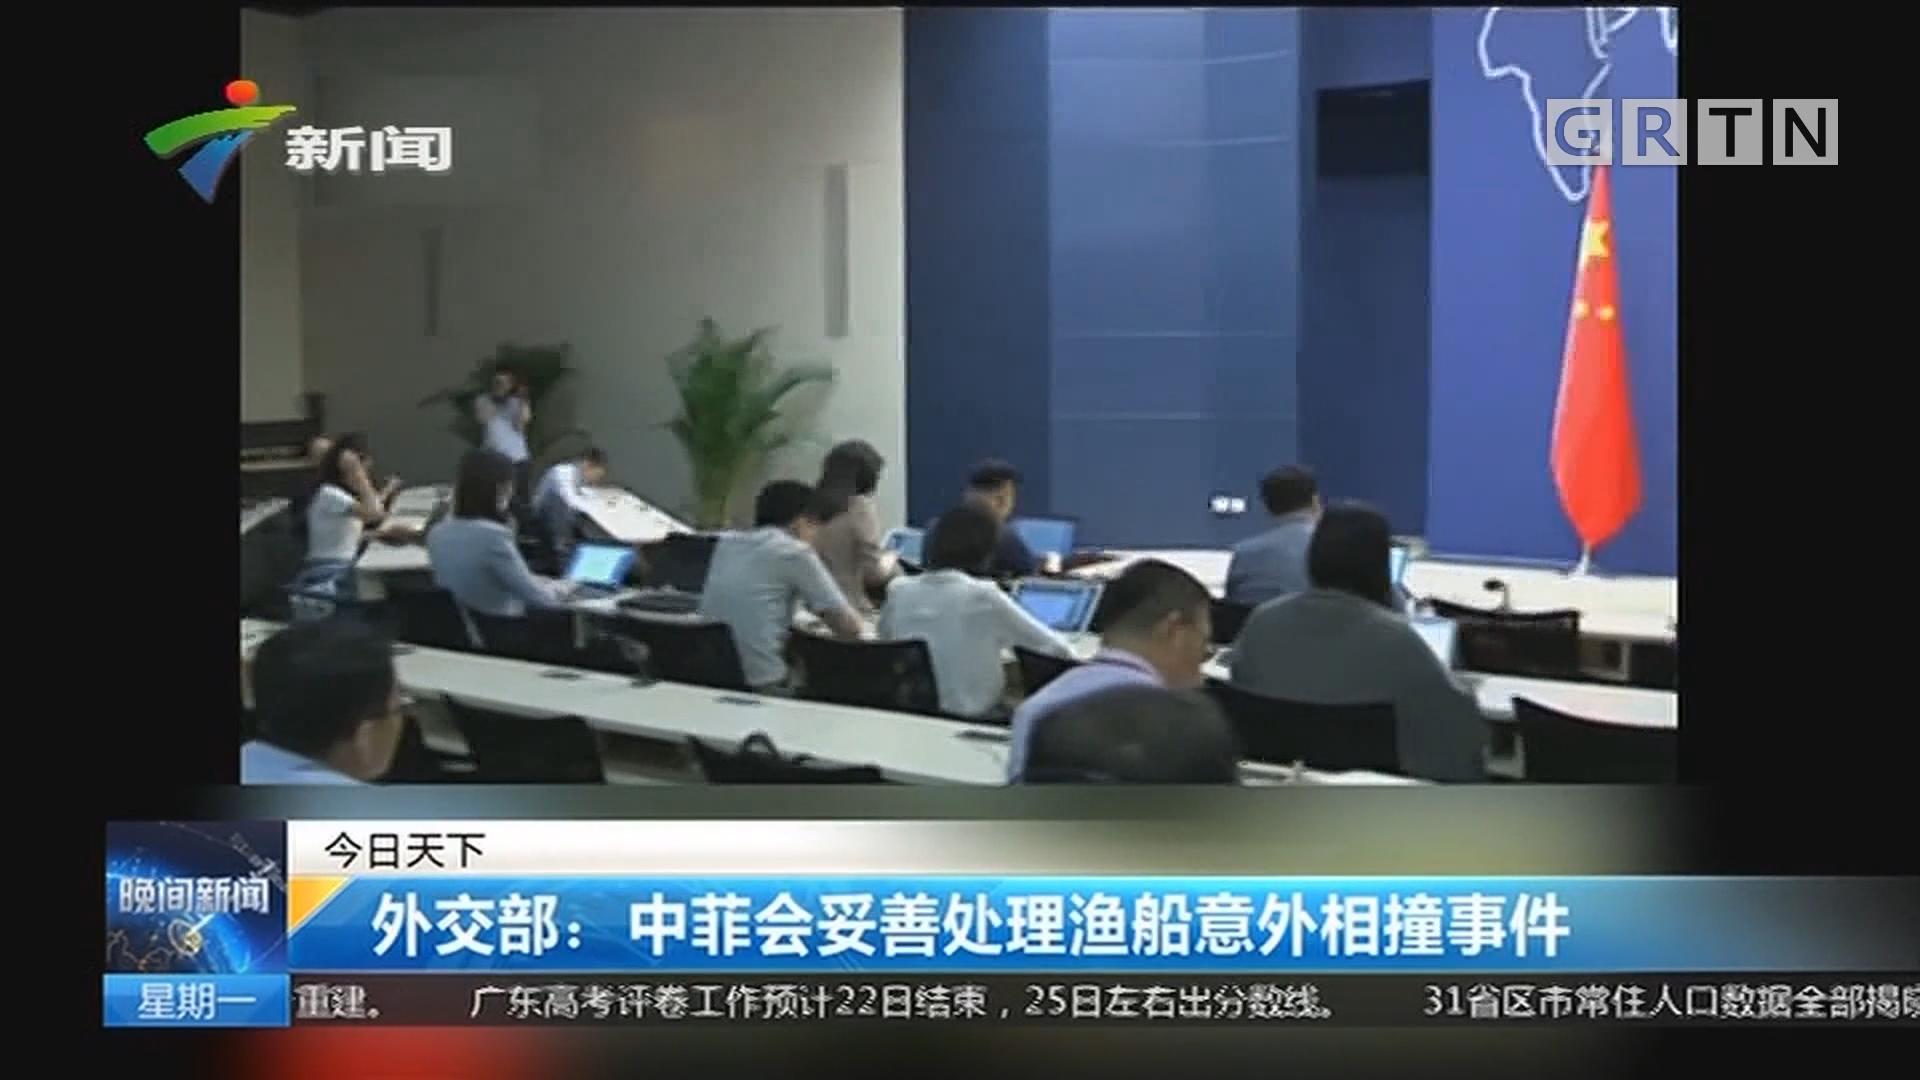 外交部:中菲会妥善处理渔船意外相撞事件